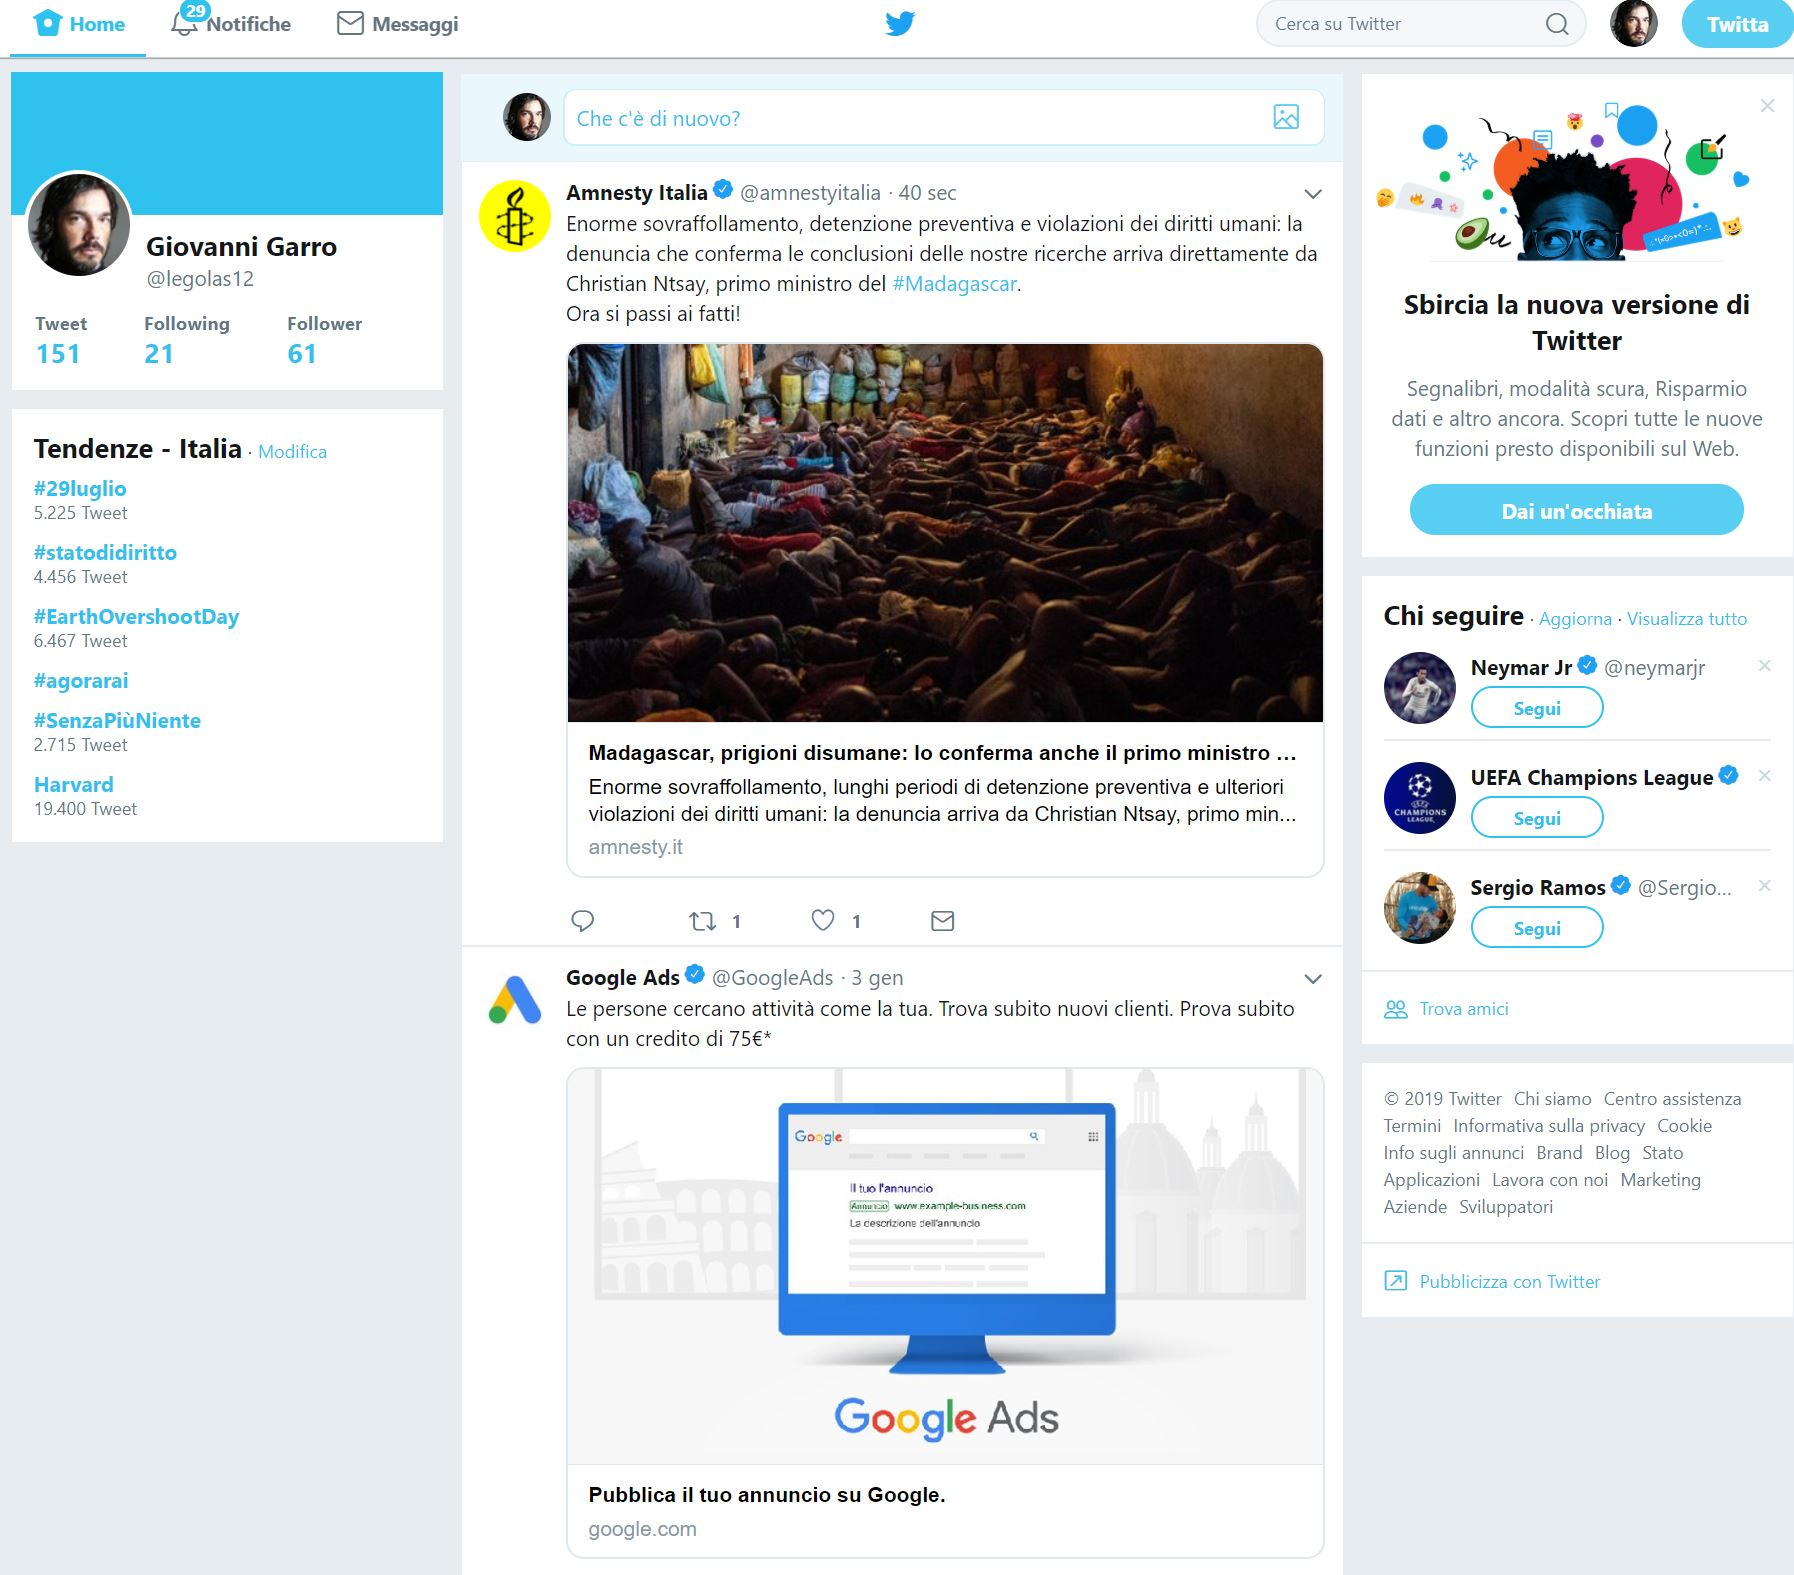 ripristinare la vecchia interfaccia di Twitter